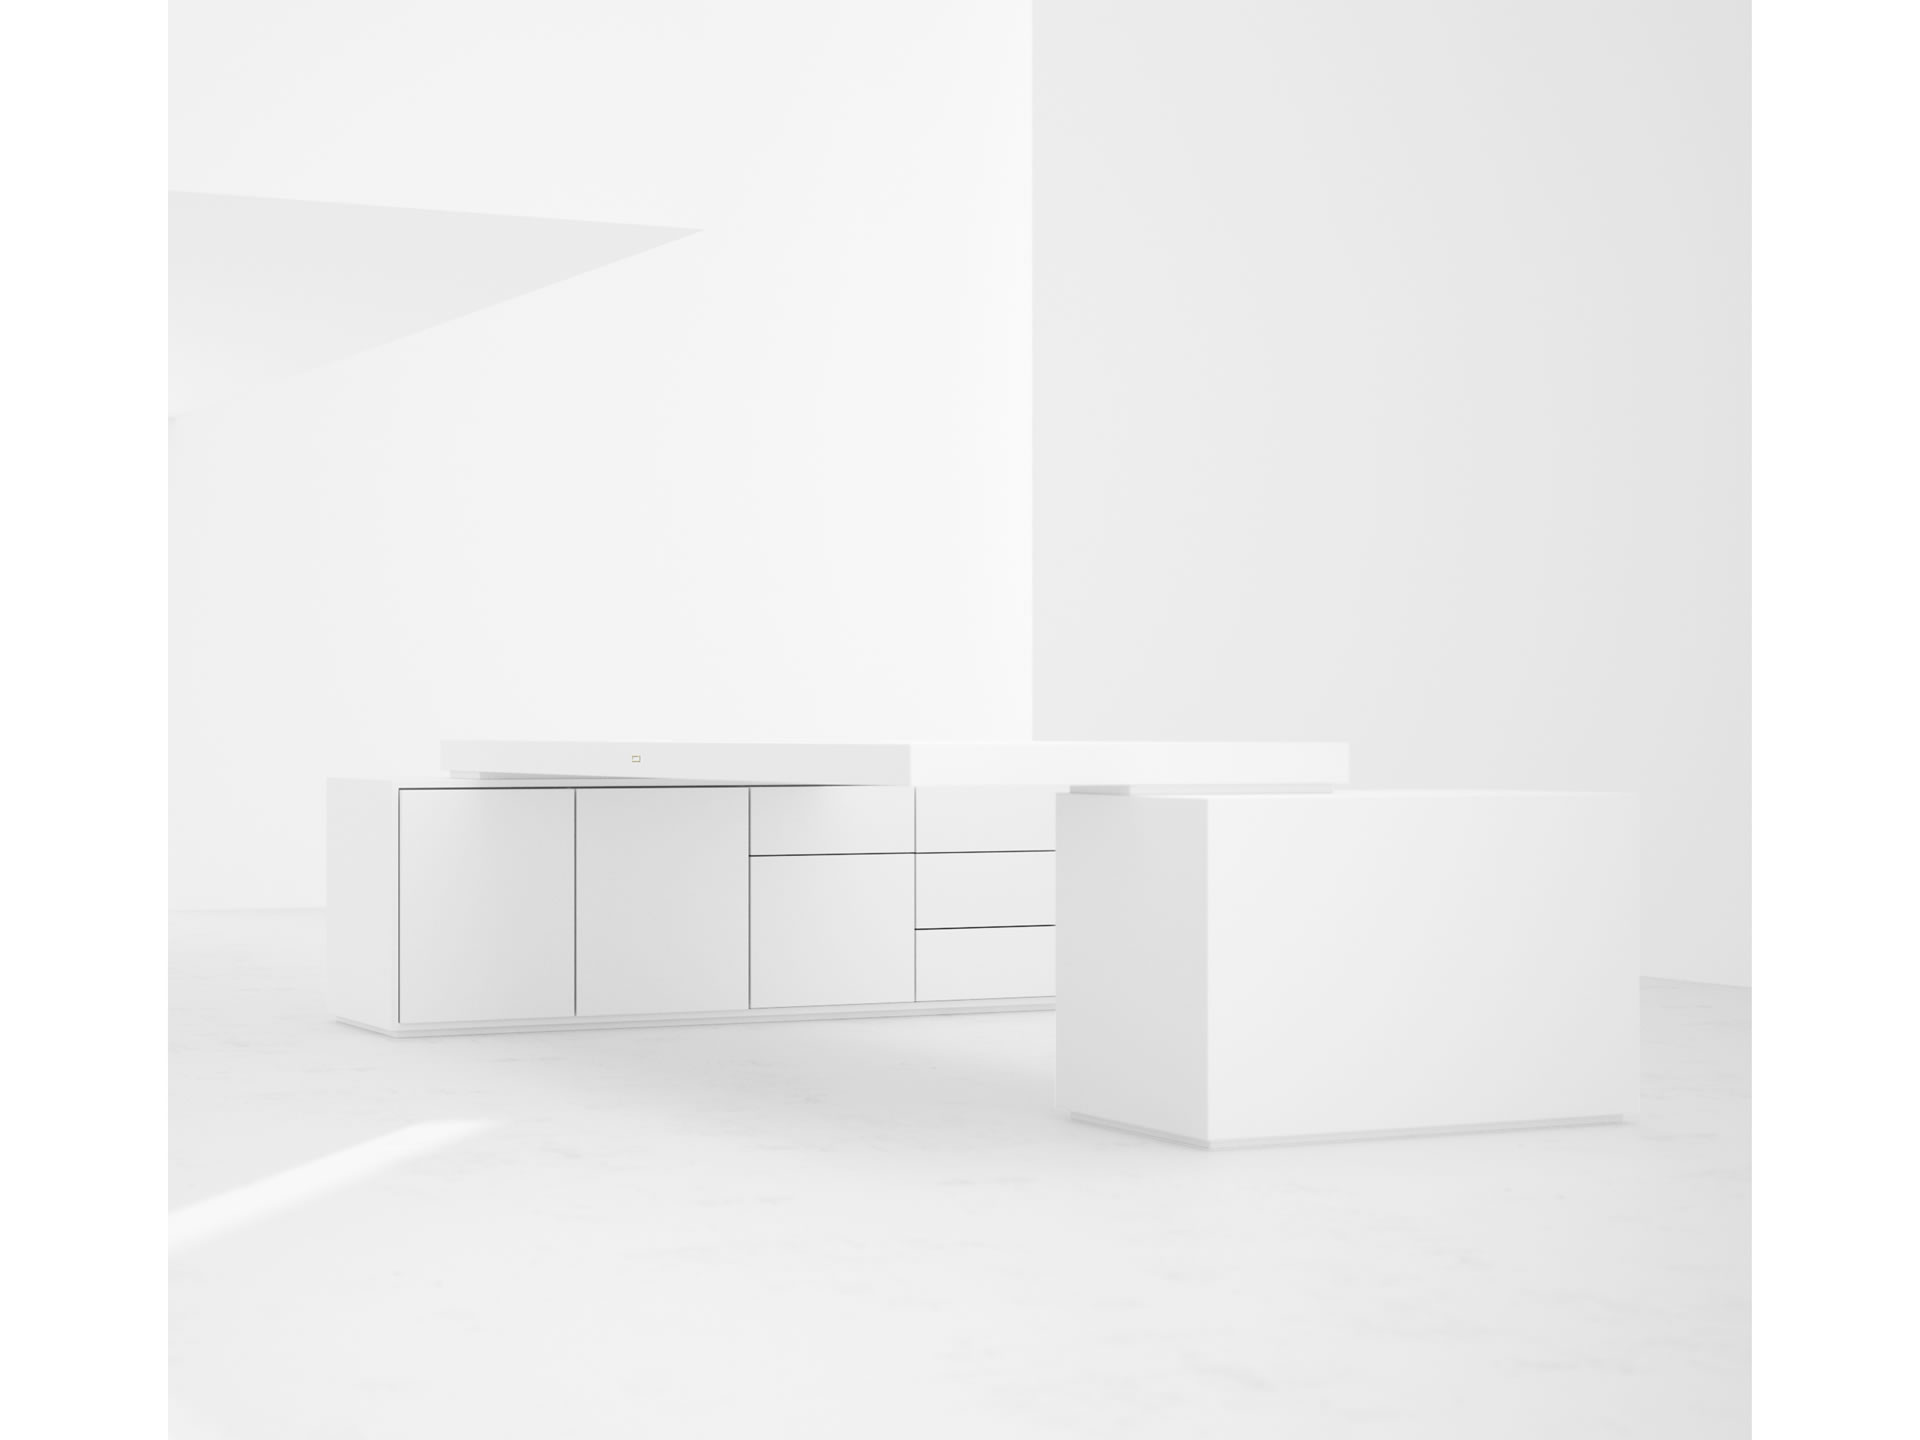 schreibtisch puristisch edelholz makassar felix schwake. Black Bedroom Furniture Sets. Home Design Ideas